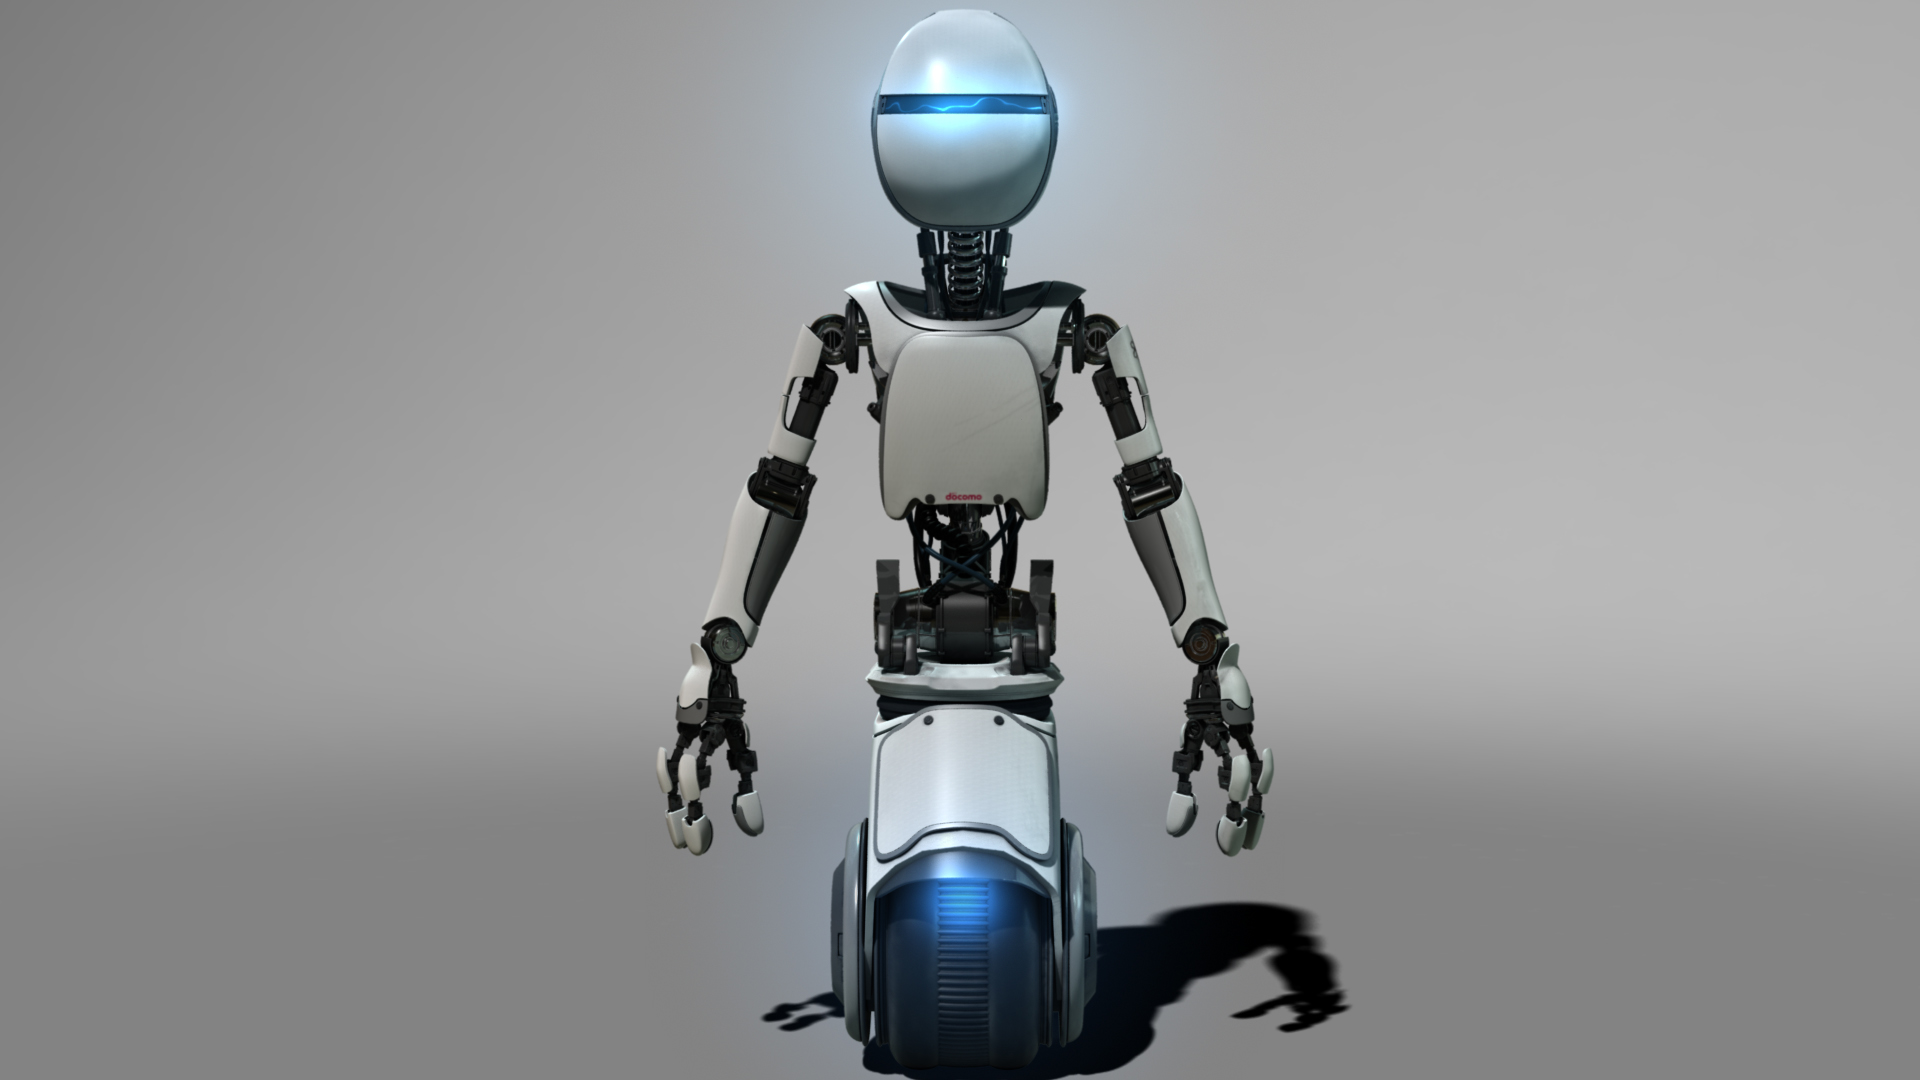 Kohler Robot